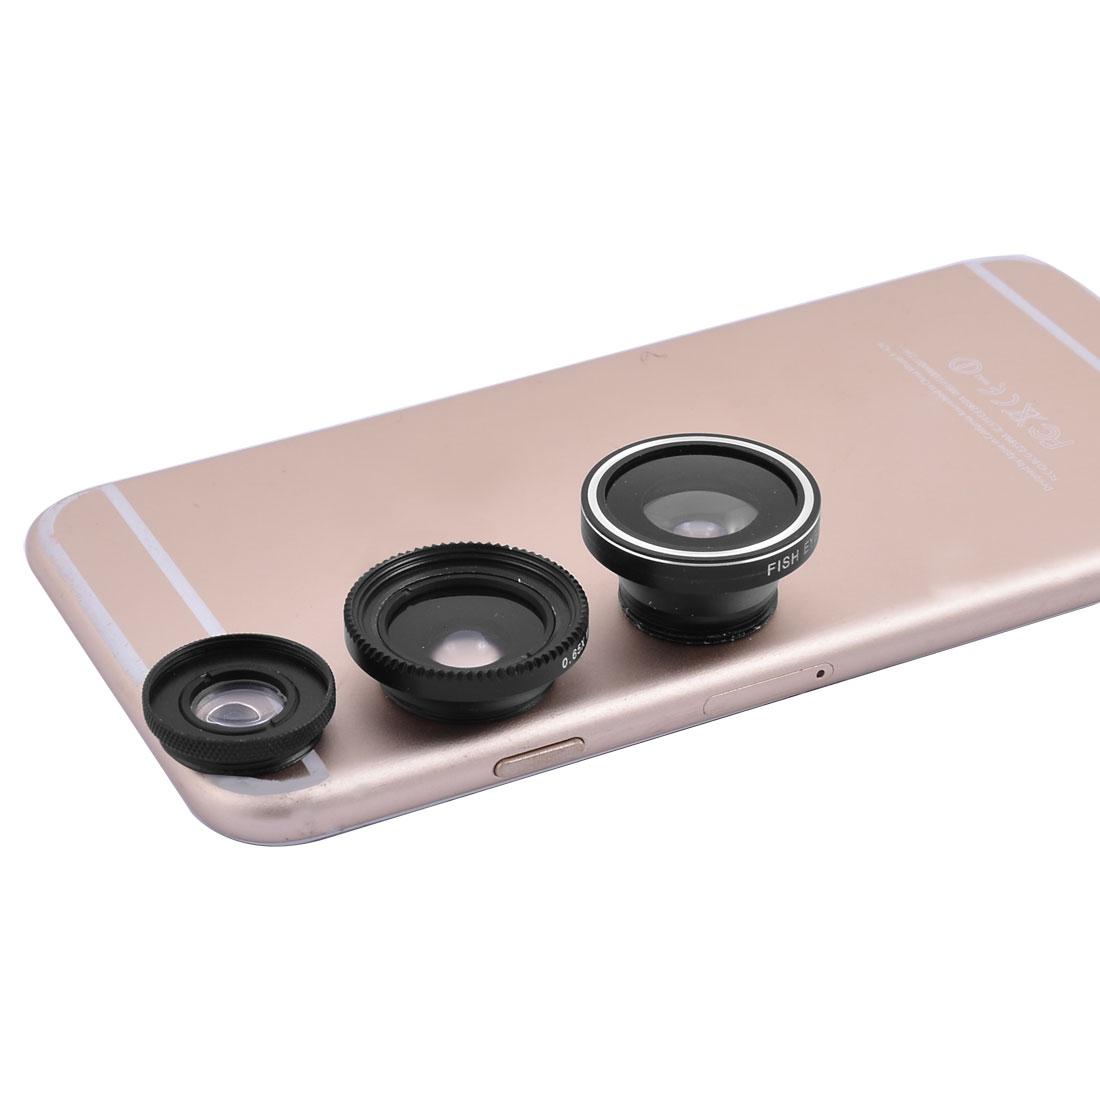 6 in 1 Multi LED Light Fisheye Macro Wide Angle Camera Lens Black for Cellphone